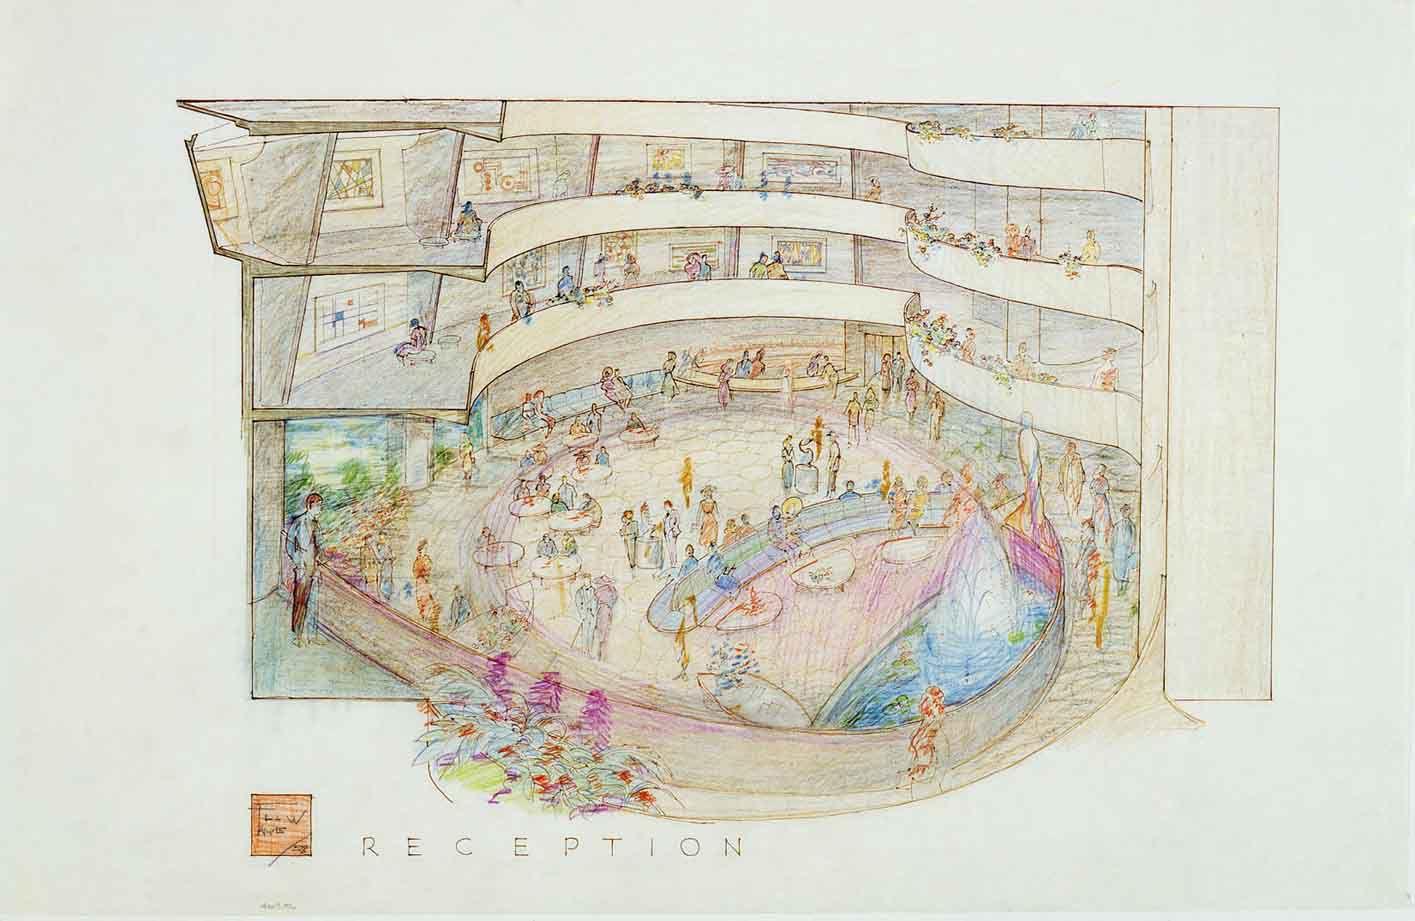 Guggenheim Reception Drawing by Frank Lloyd Wright